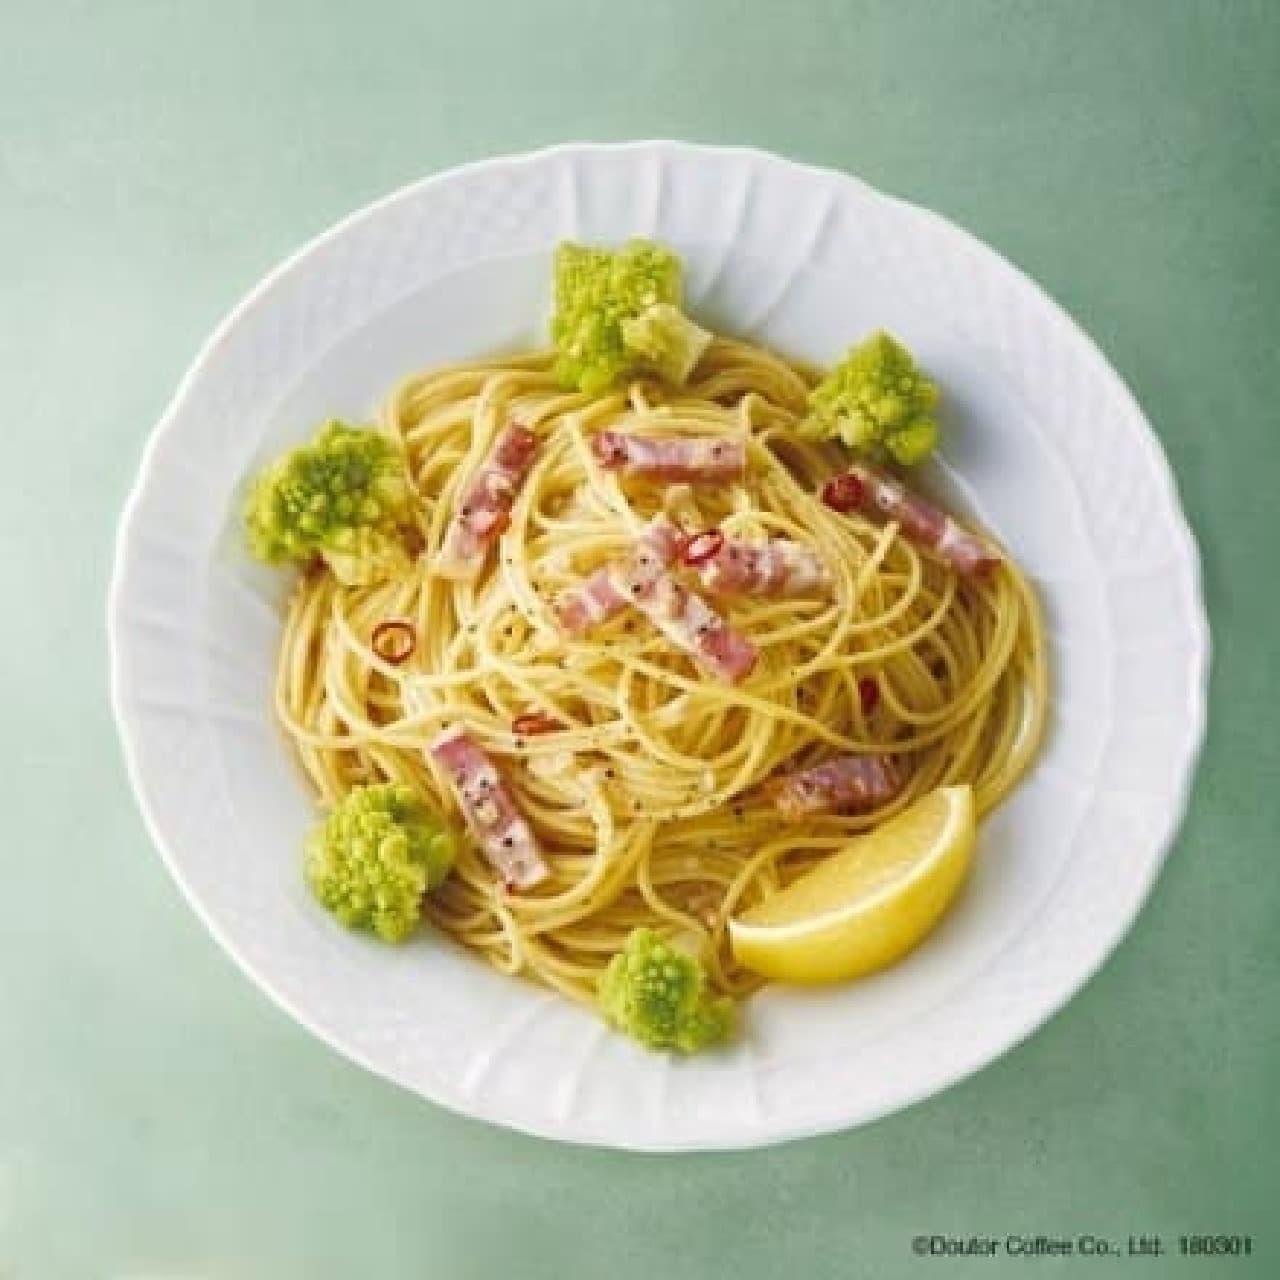 エクセルシオール カフェ「パスタ ロマネスコとベーコンのアーリオ・オーリオ ~レモンを添えて~」